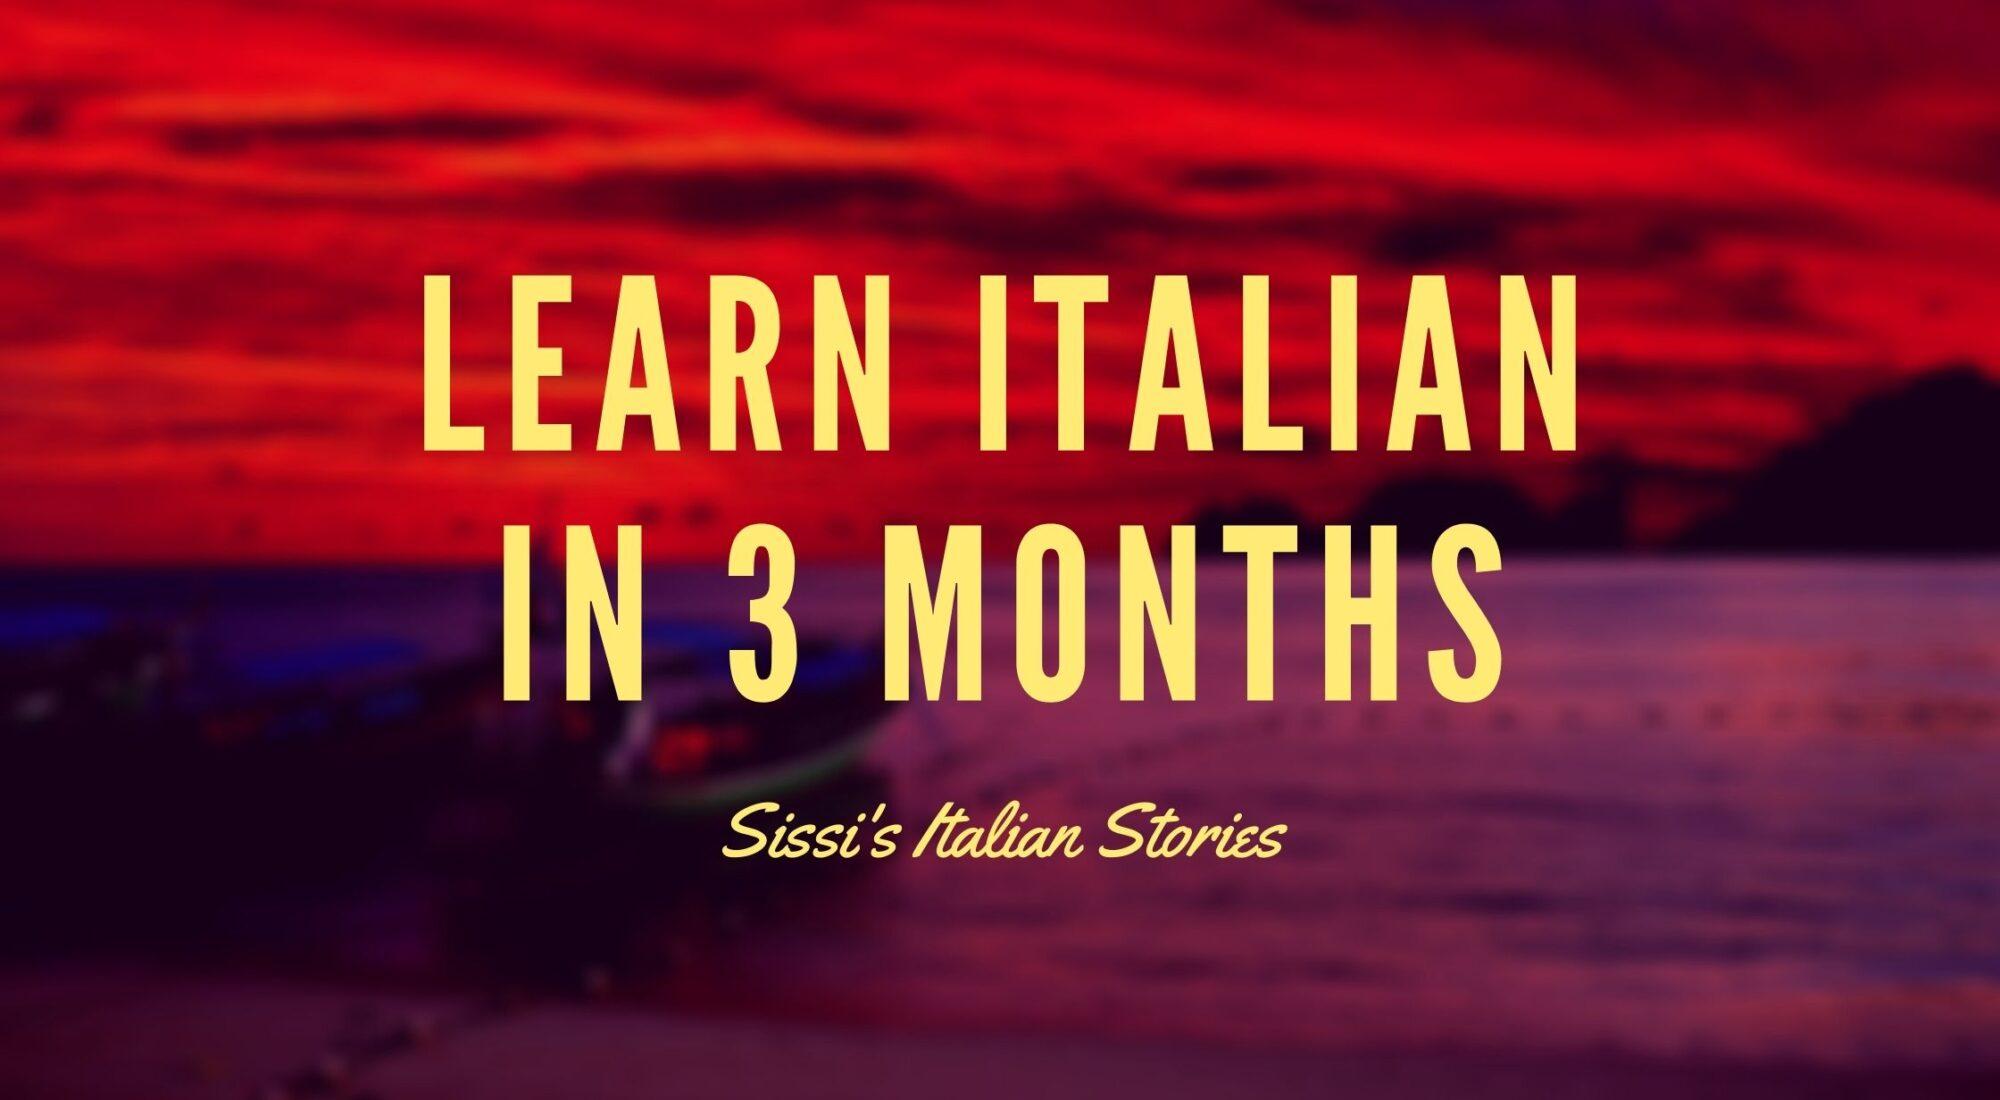 Learn Italian in 3 months